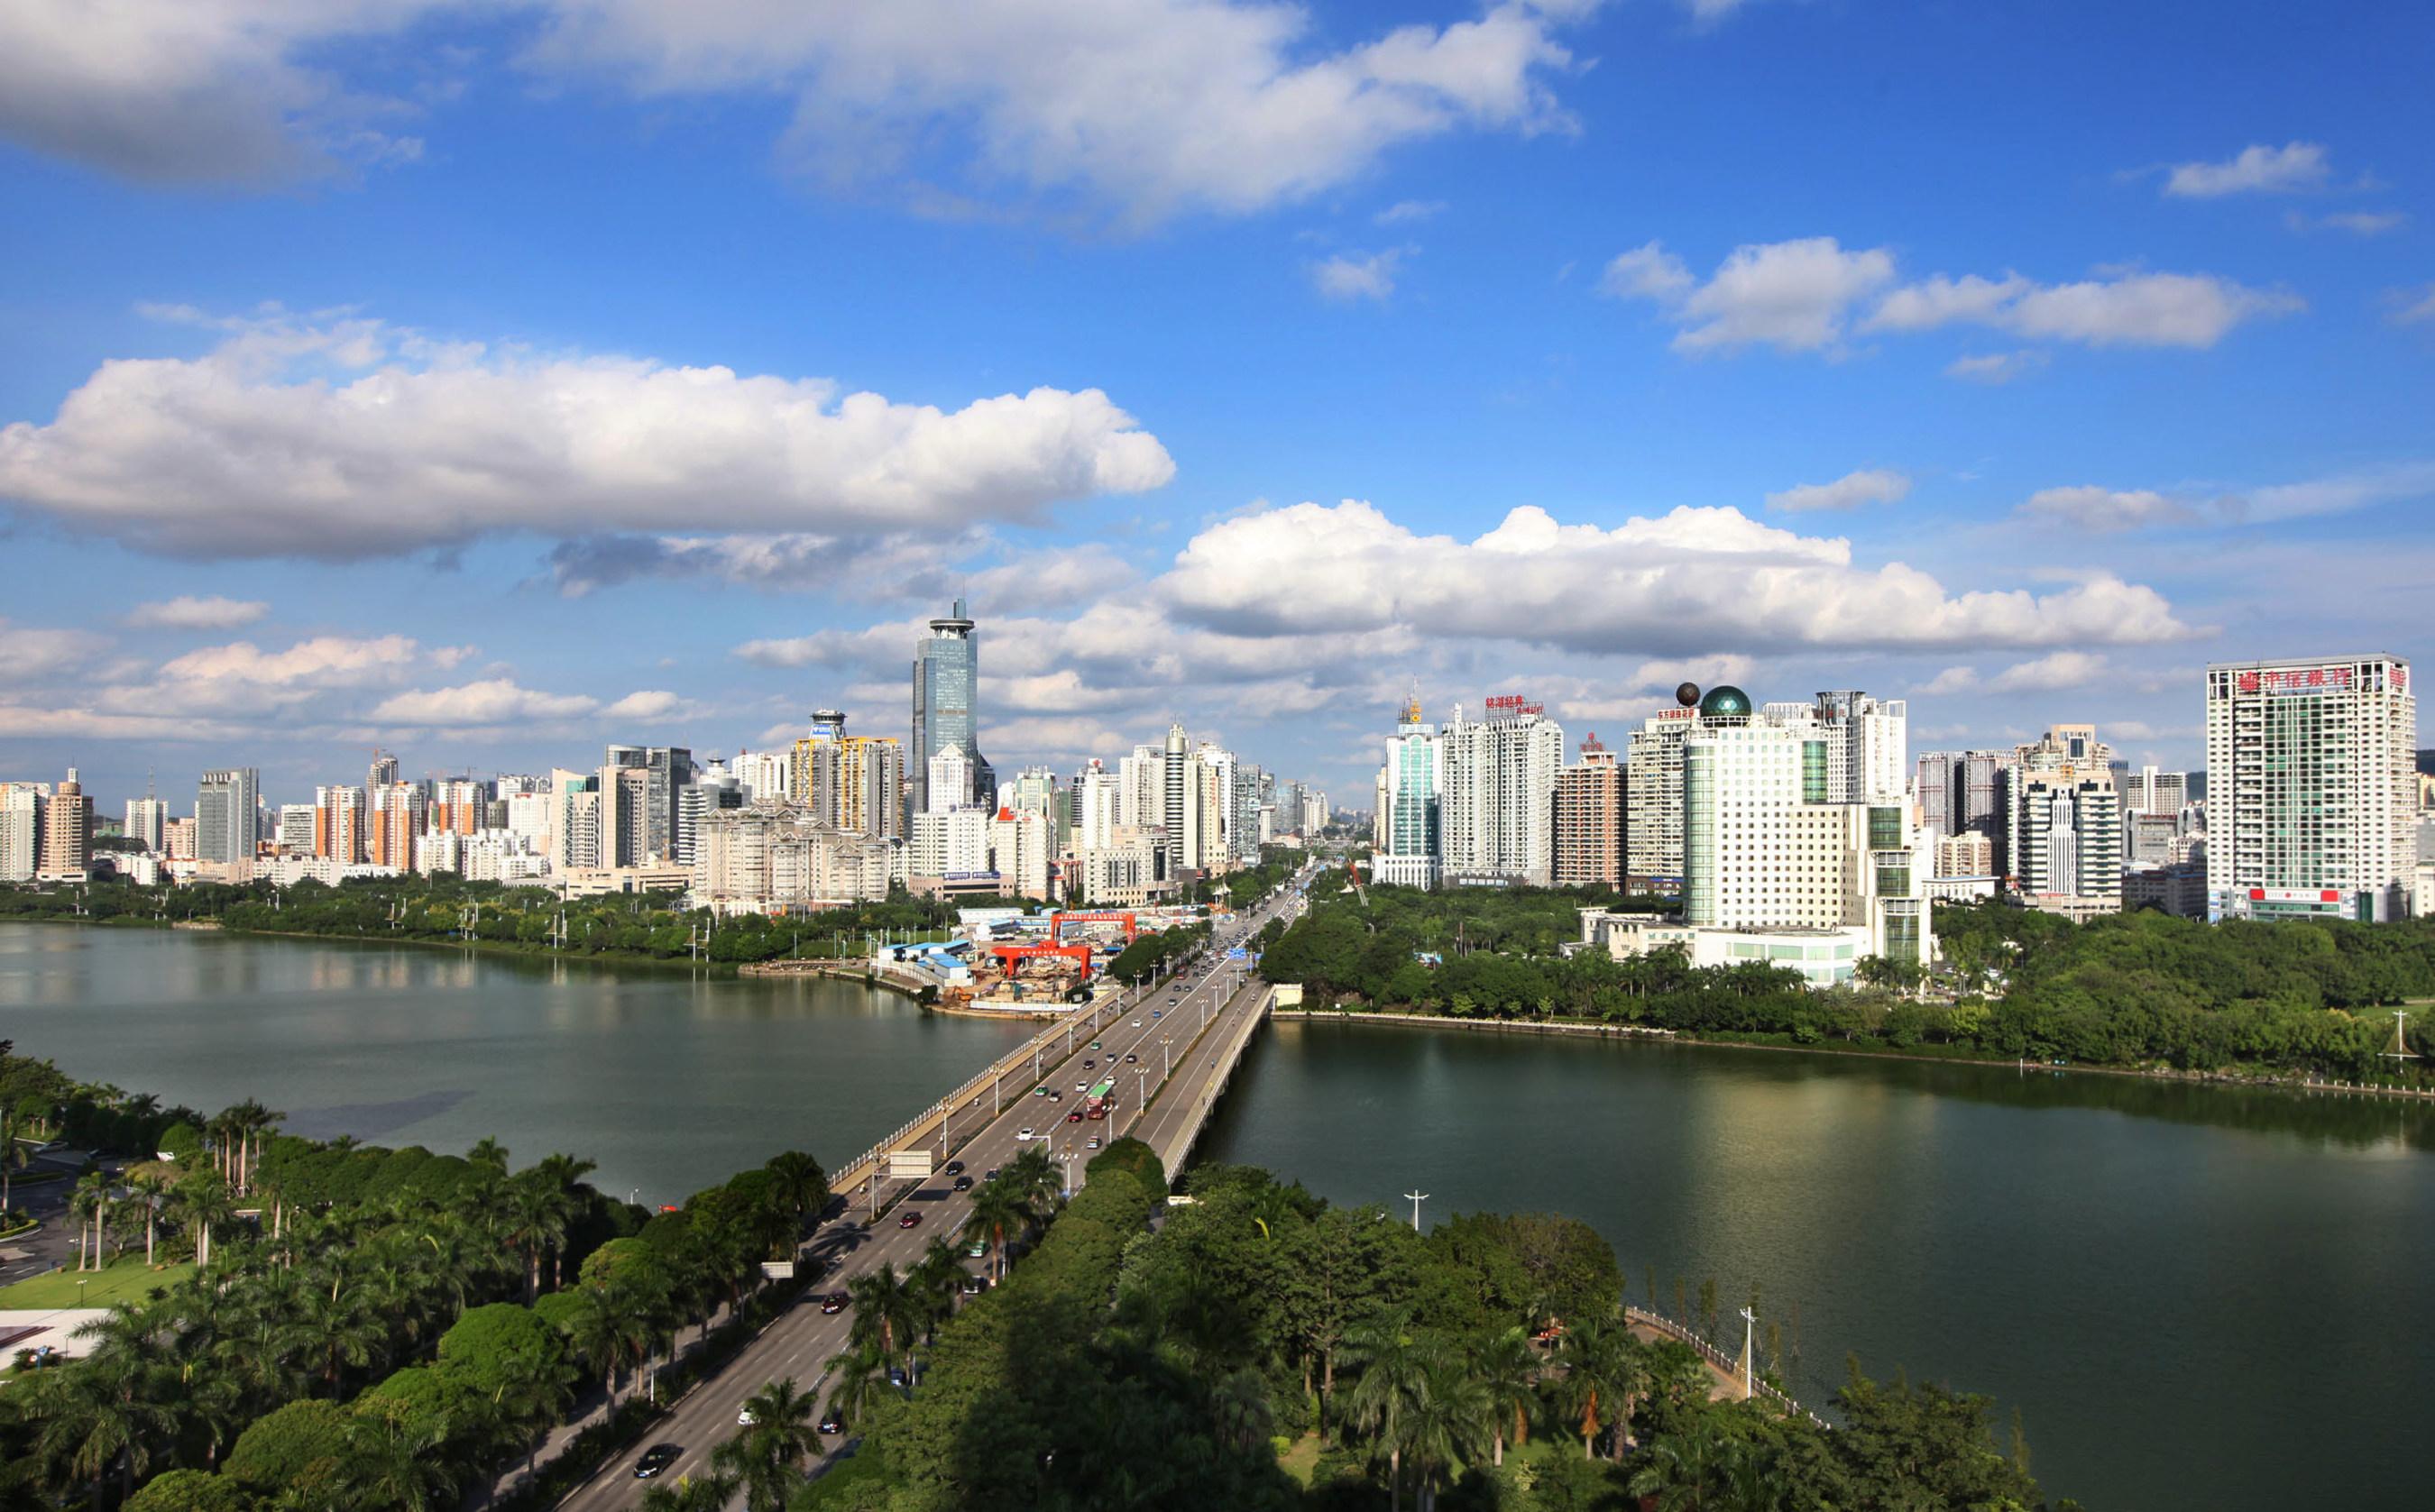 Город Наньнин и новостное агенство «Синьхуа» выпустят валютный индекс Китая и стран АСЕАН